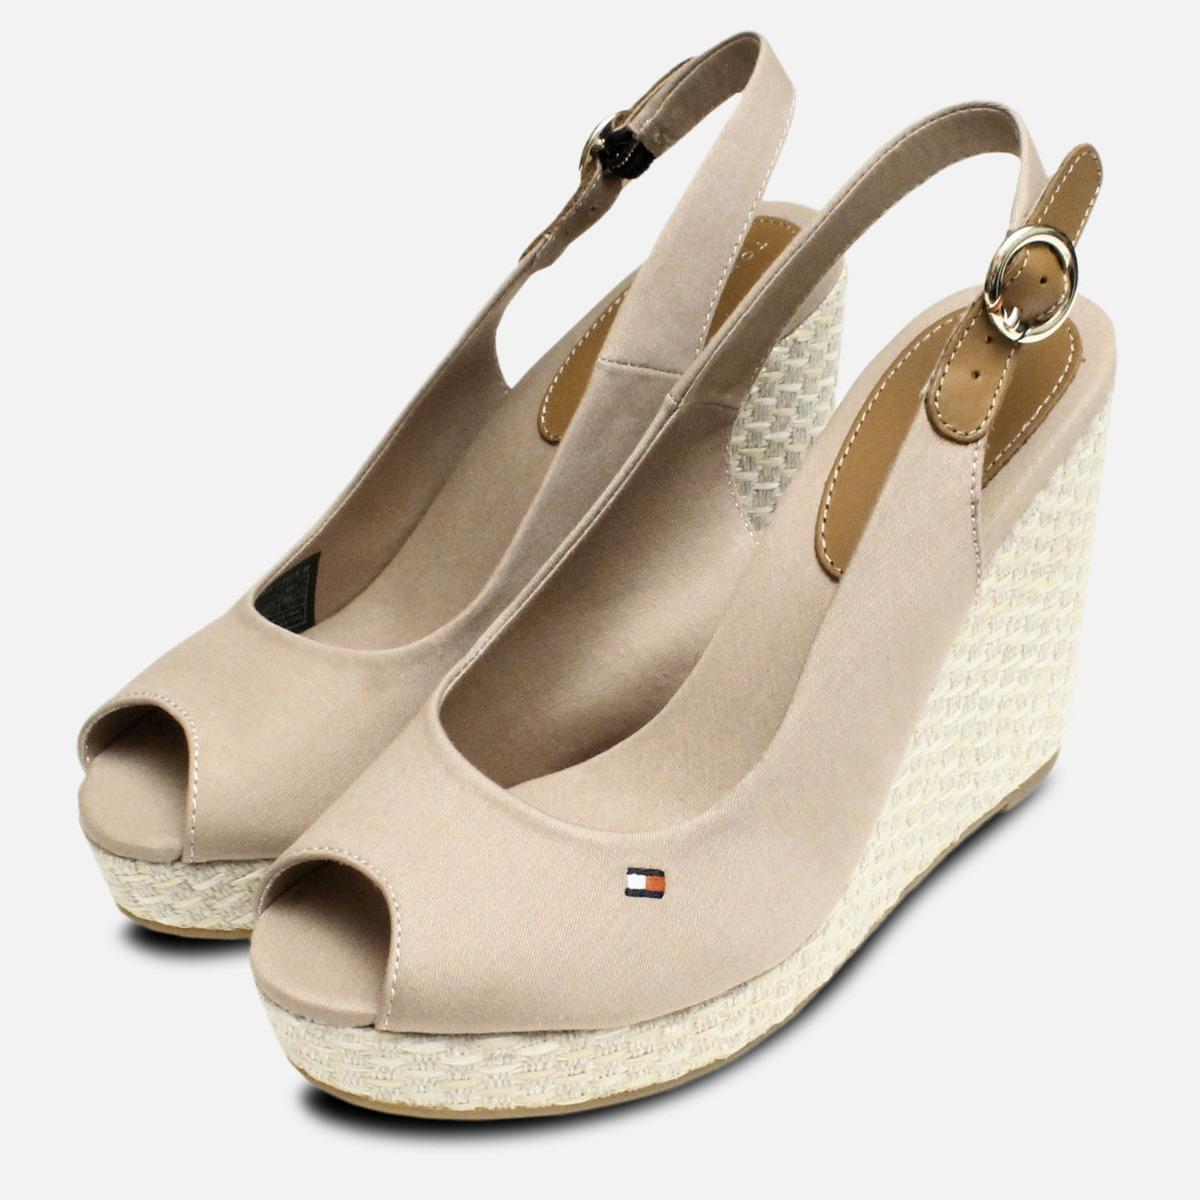 Tommy Hilfiger Elena Platform Sandals